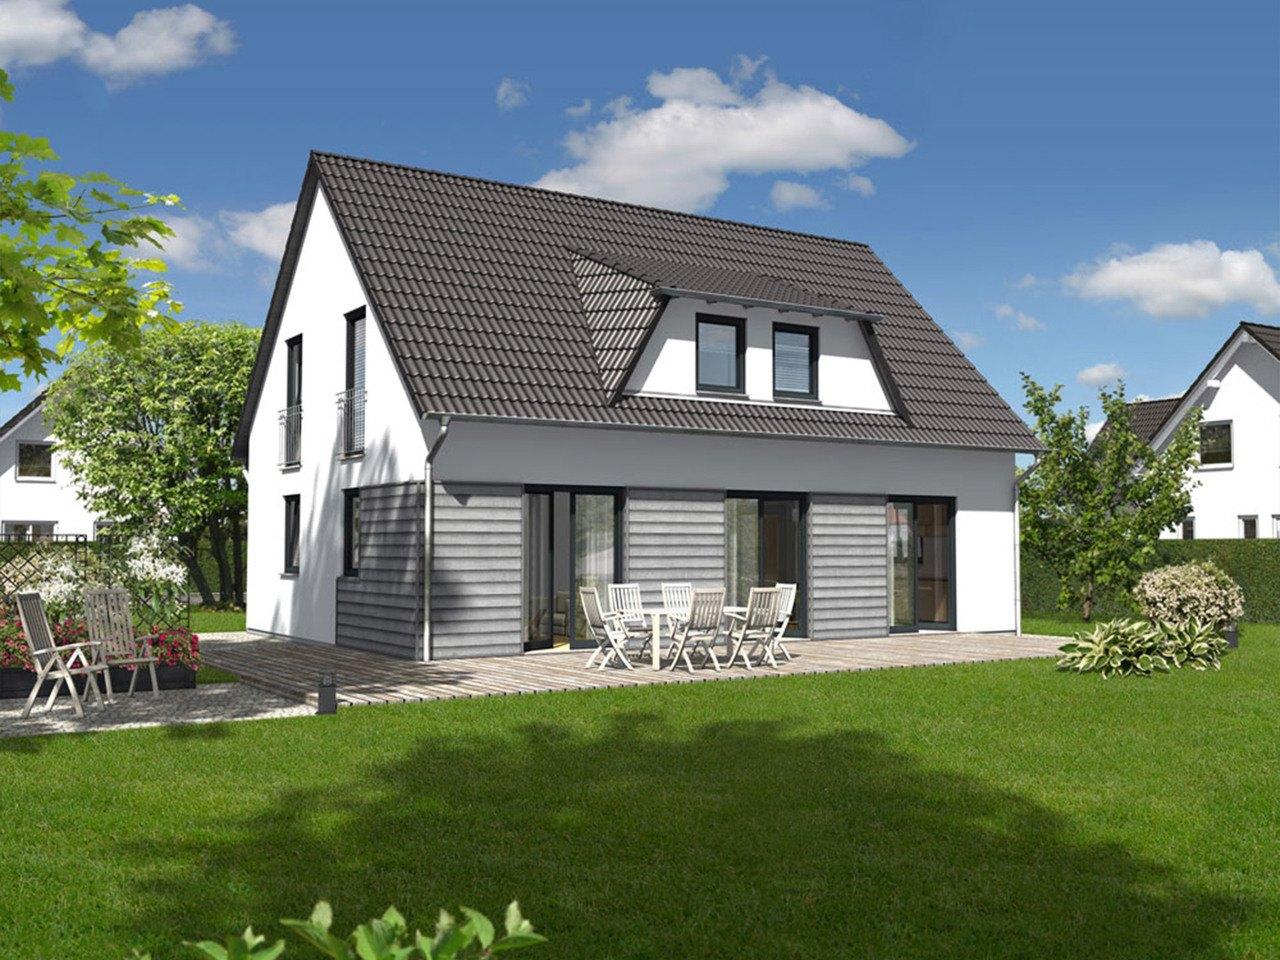 Landhaus 142 Lahnimmo Daniel Reitz - Town & Country